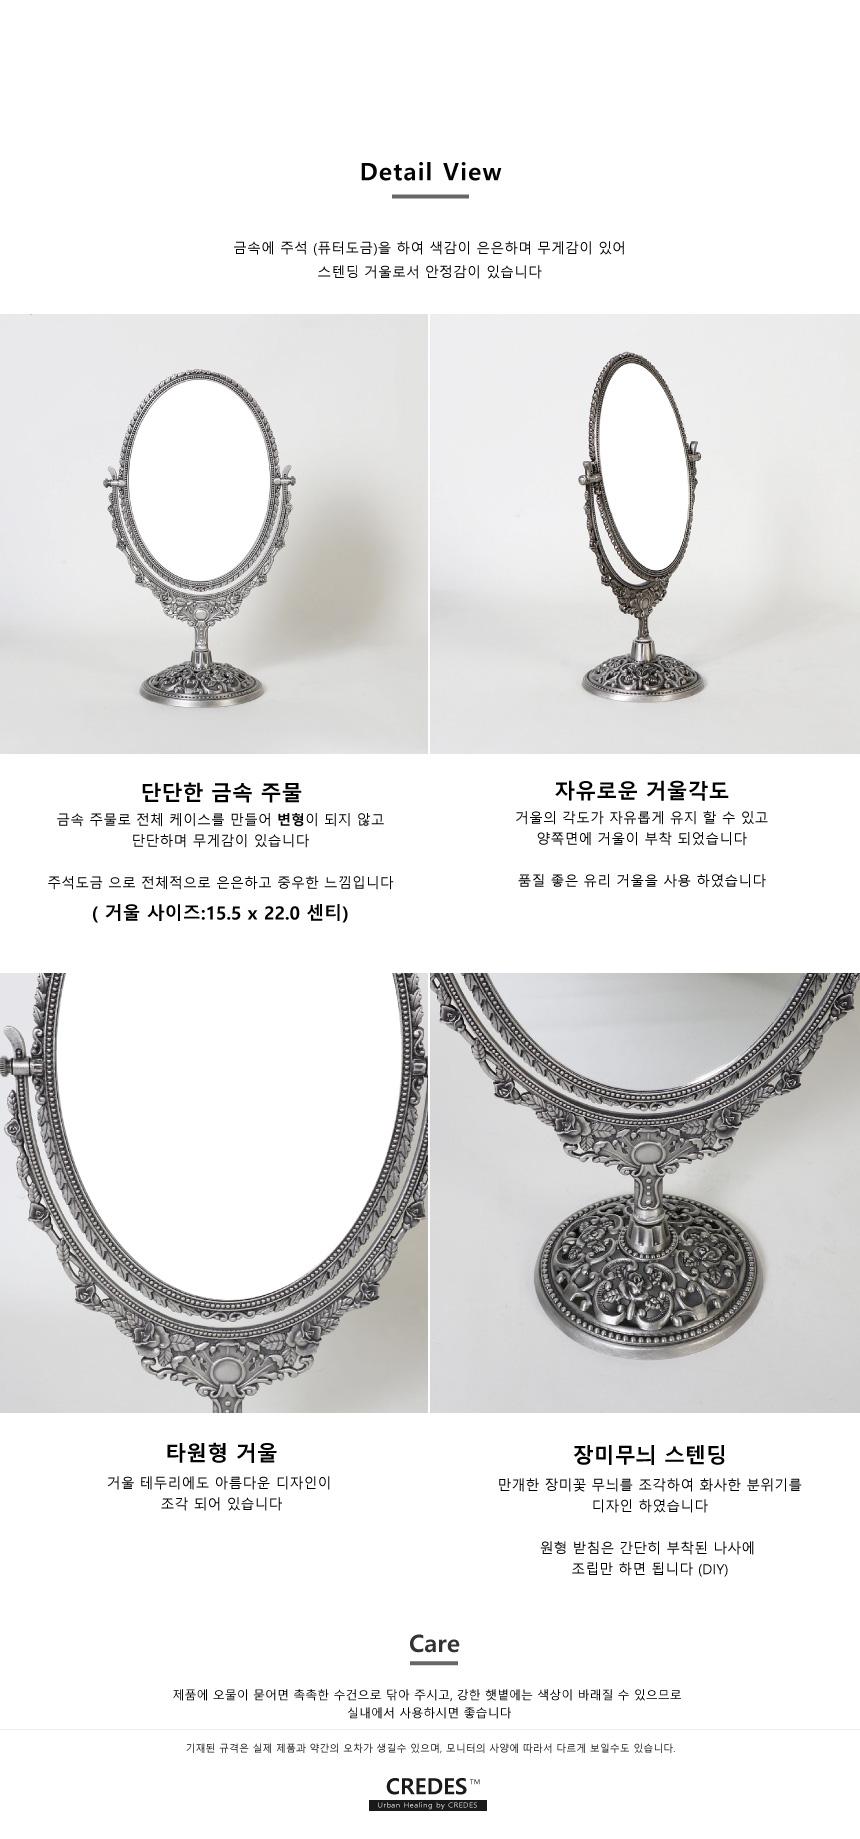 엔틱메탈 스텐딩 장미 화장거울 미디움-주석 - 크레디스, 32,000원, 거울, 탁상거울